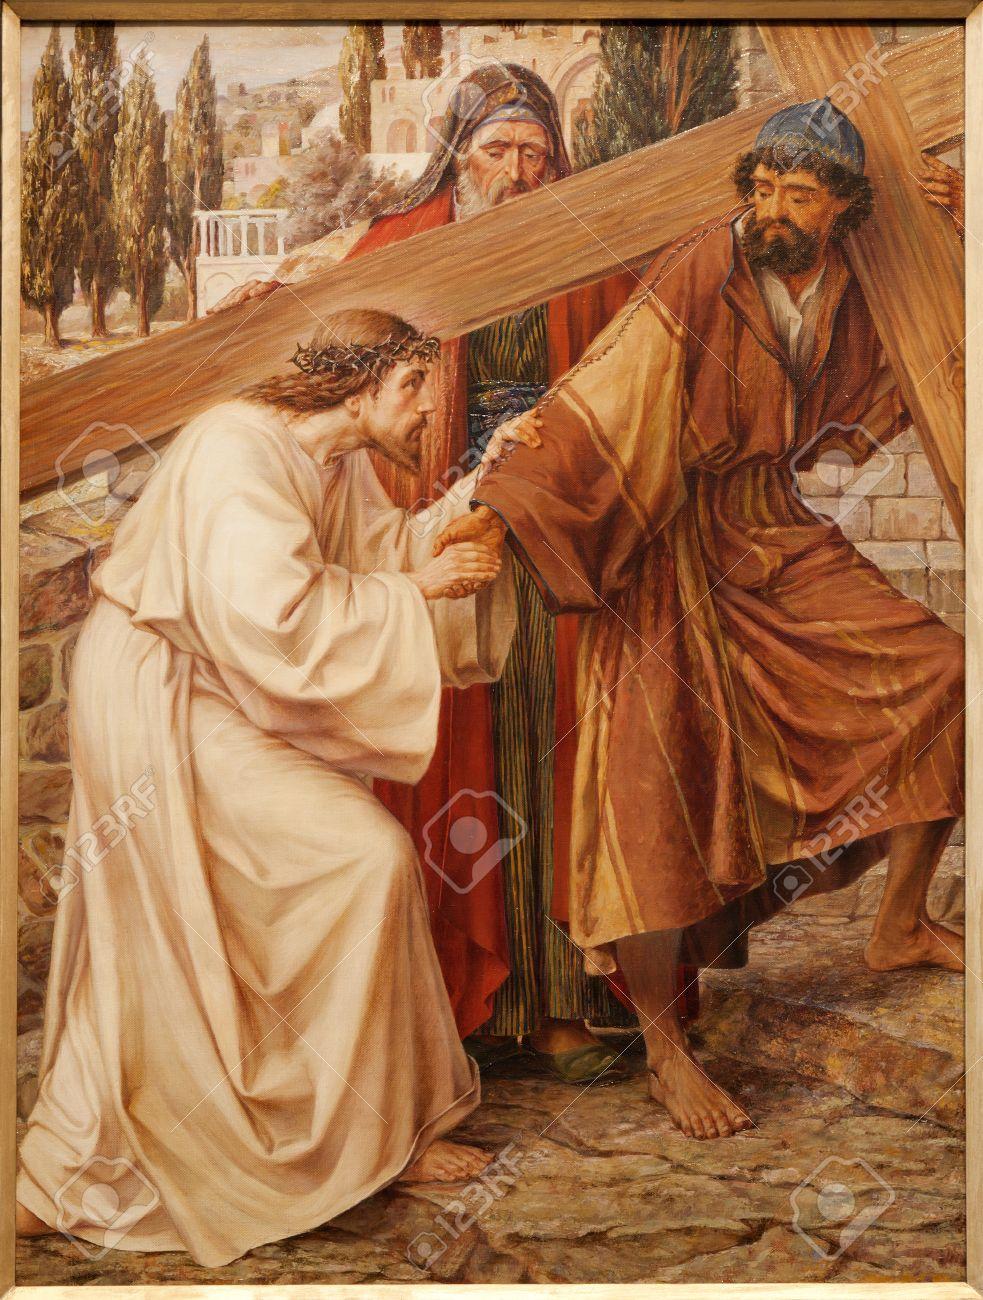 GENT - JUNE 23  Simon of Cyrene Helps Jesus Carry His Cross  Paint in st  Peter s church by Josef Piens Cooreman on June 23, 2012 in Gent, Belgium  Stock Photo - 18899358